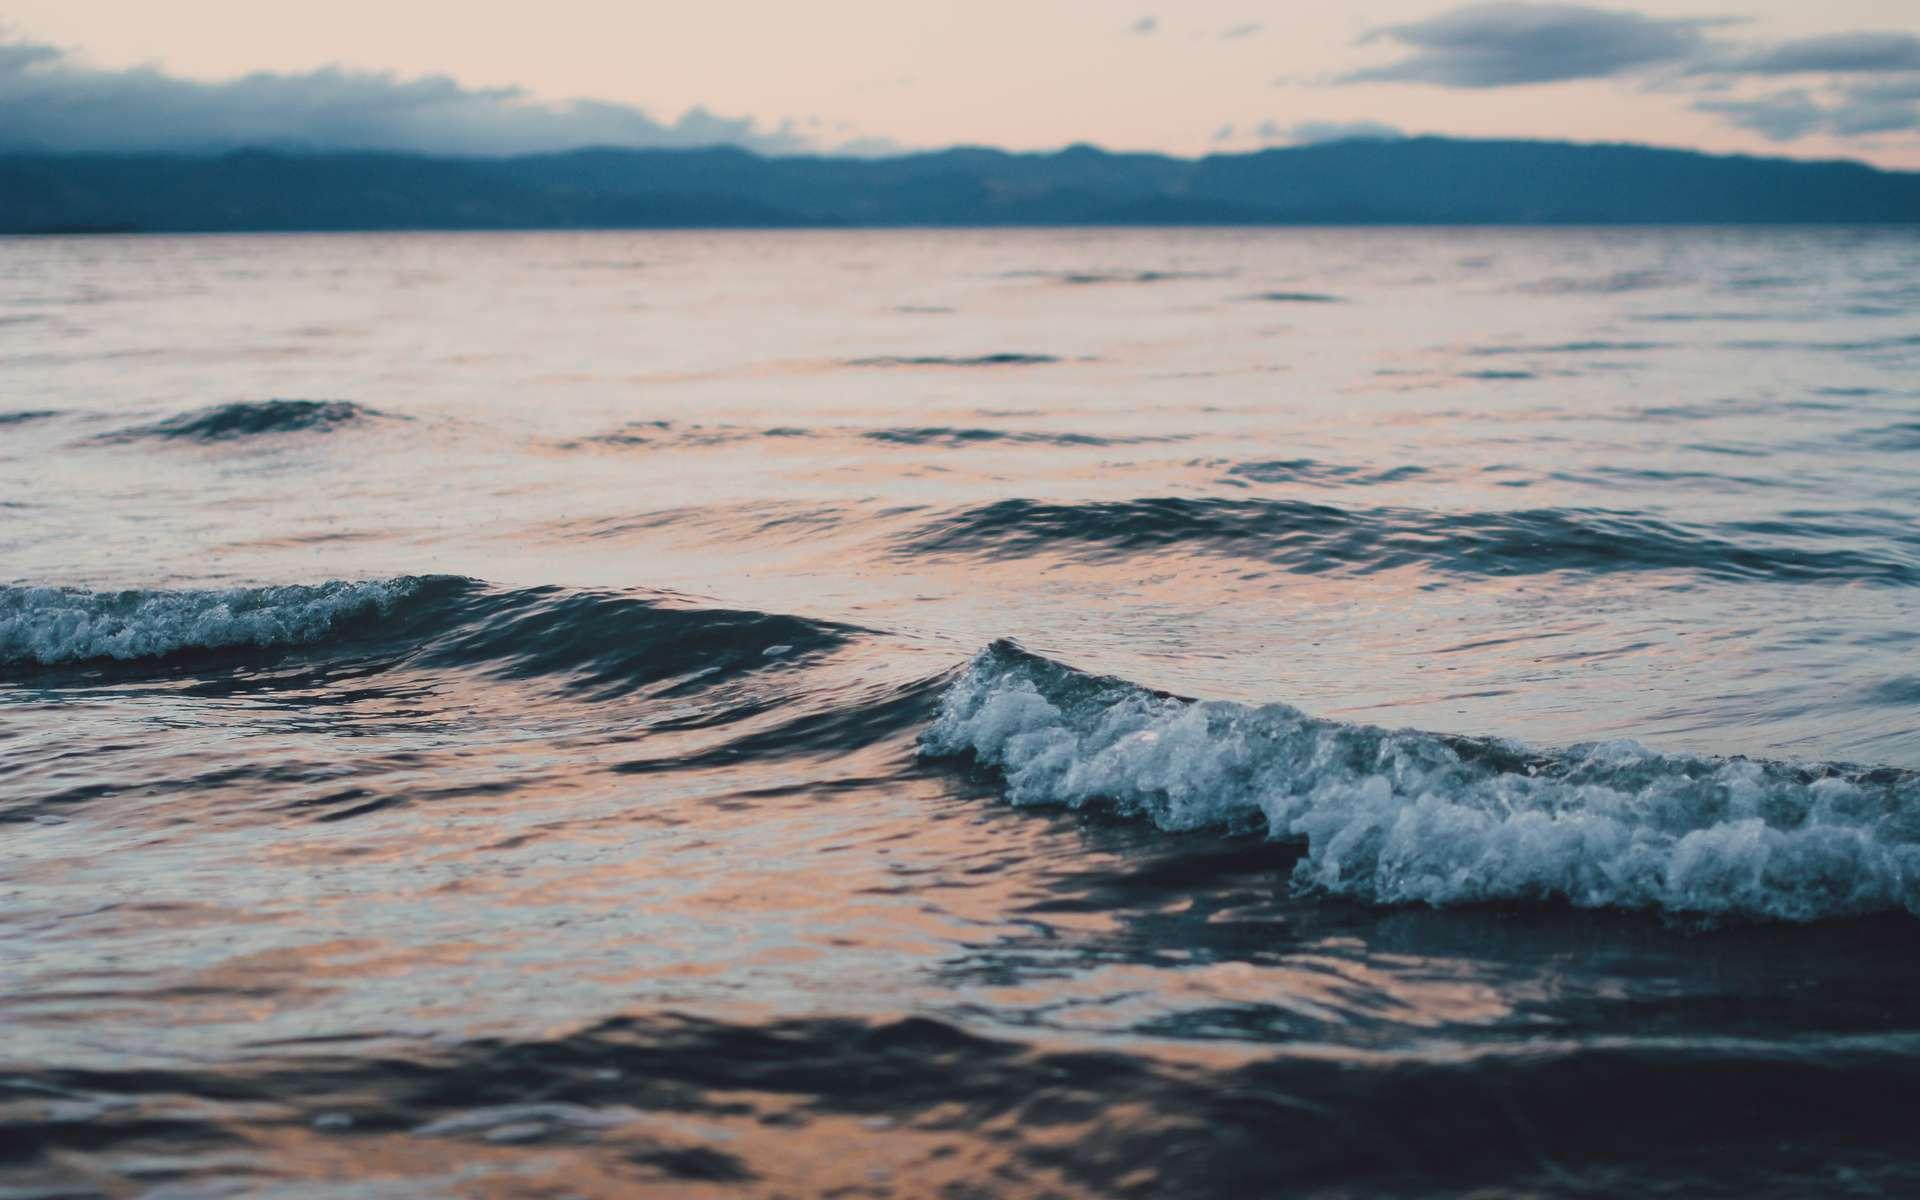 Océans : les zones marines sauvages ont quasiment disparu. © Christine Donaldson, Unsplash